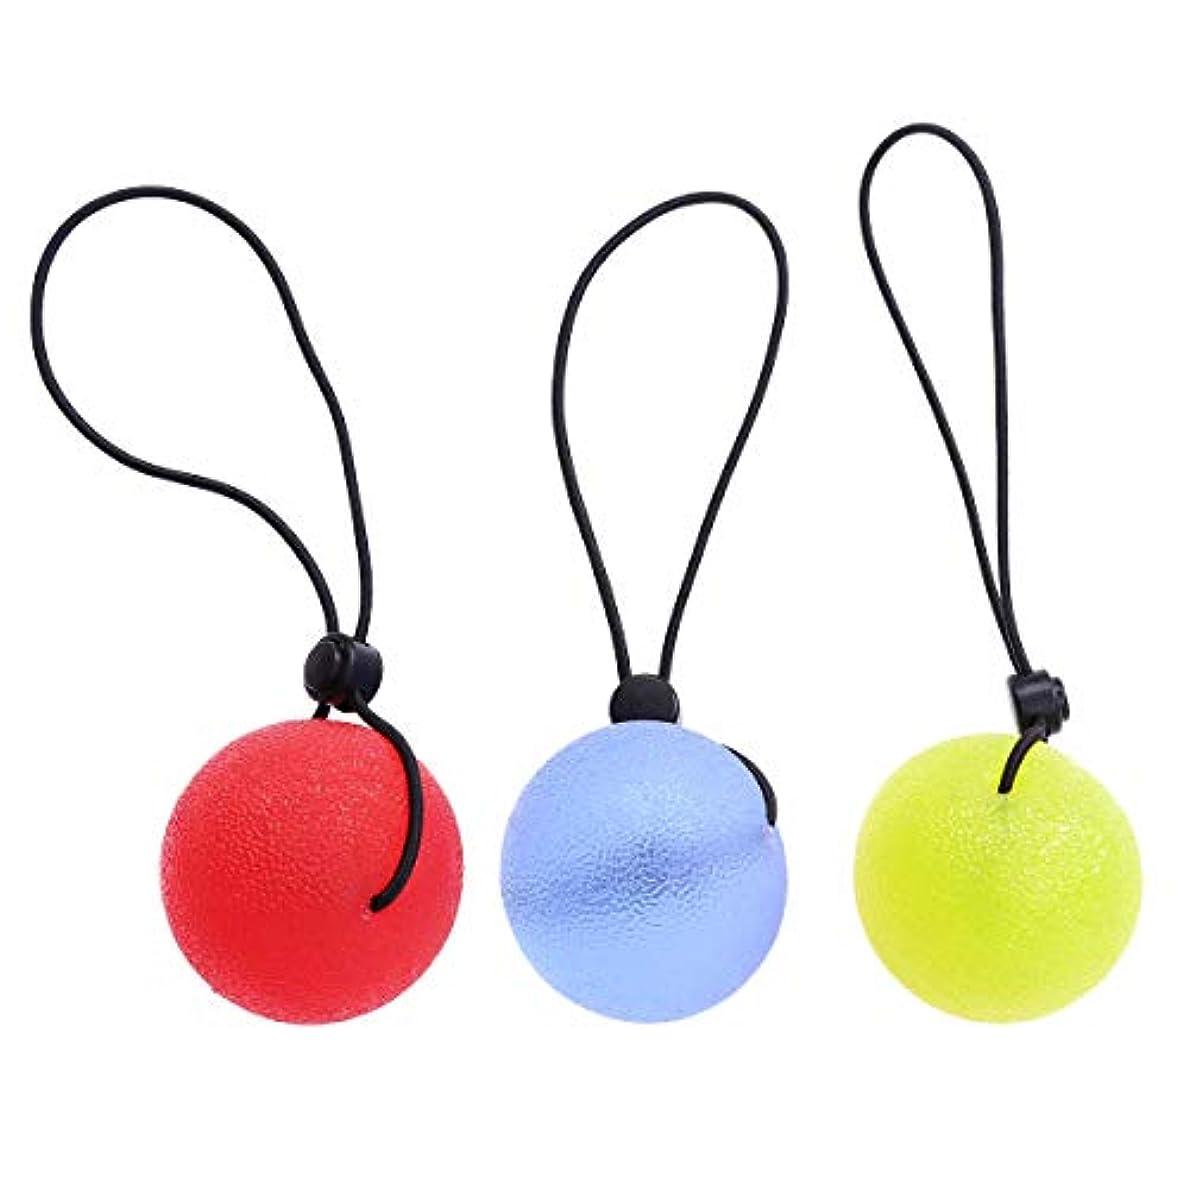 調査スピン観光に行くHEALIFTY ストレスリリーフボール、3本の指グリップボールセラピーエクササイズスクイズ卵ストレスボールストリングフィットネス機器(ランダムカラー)